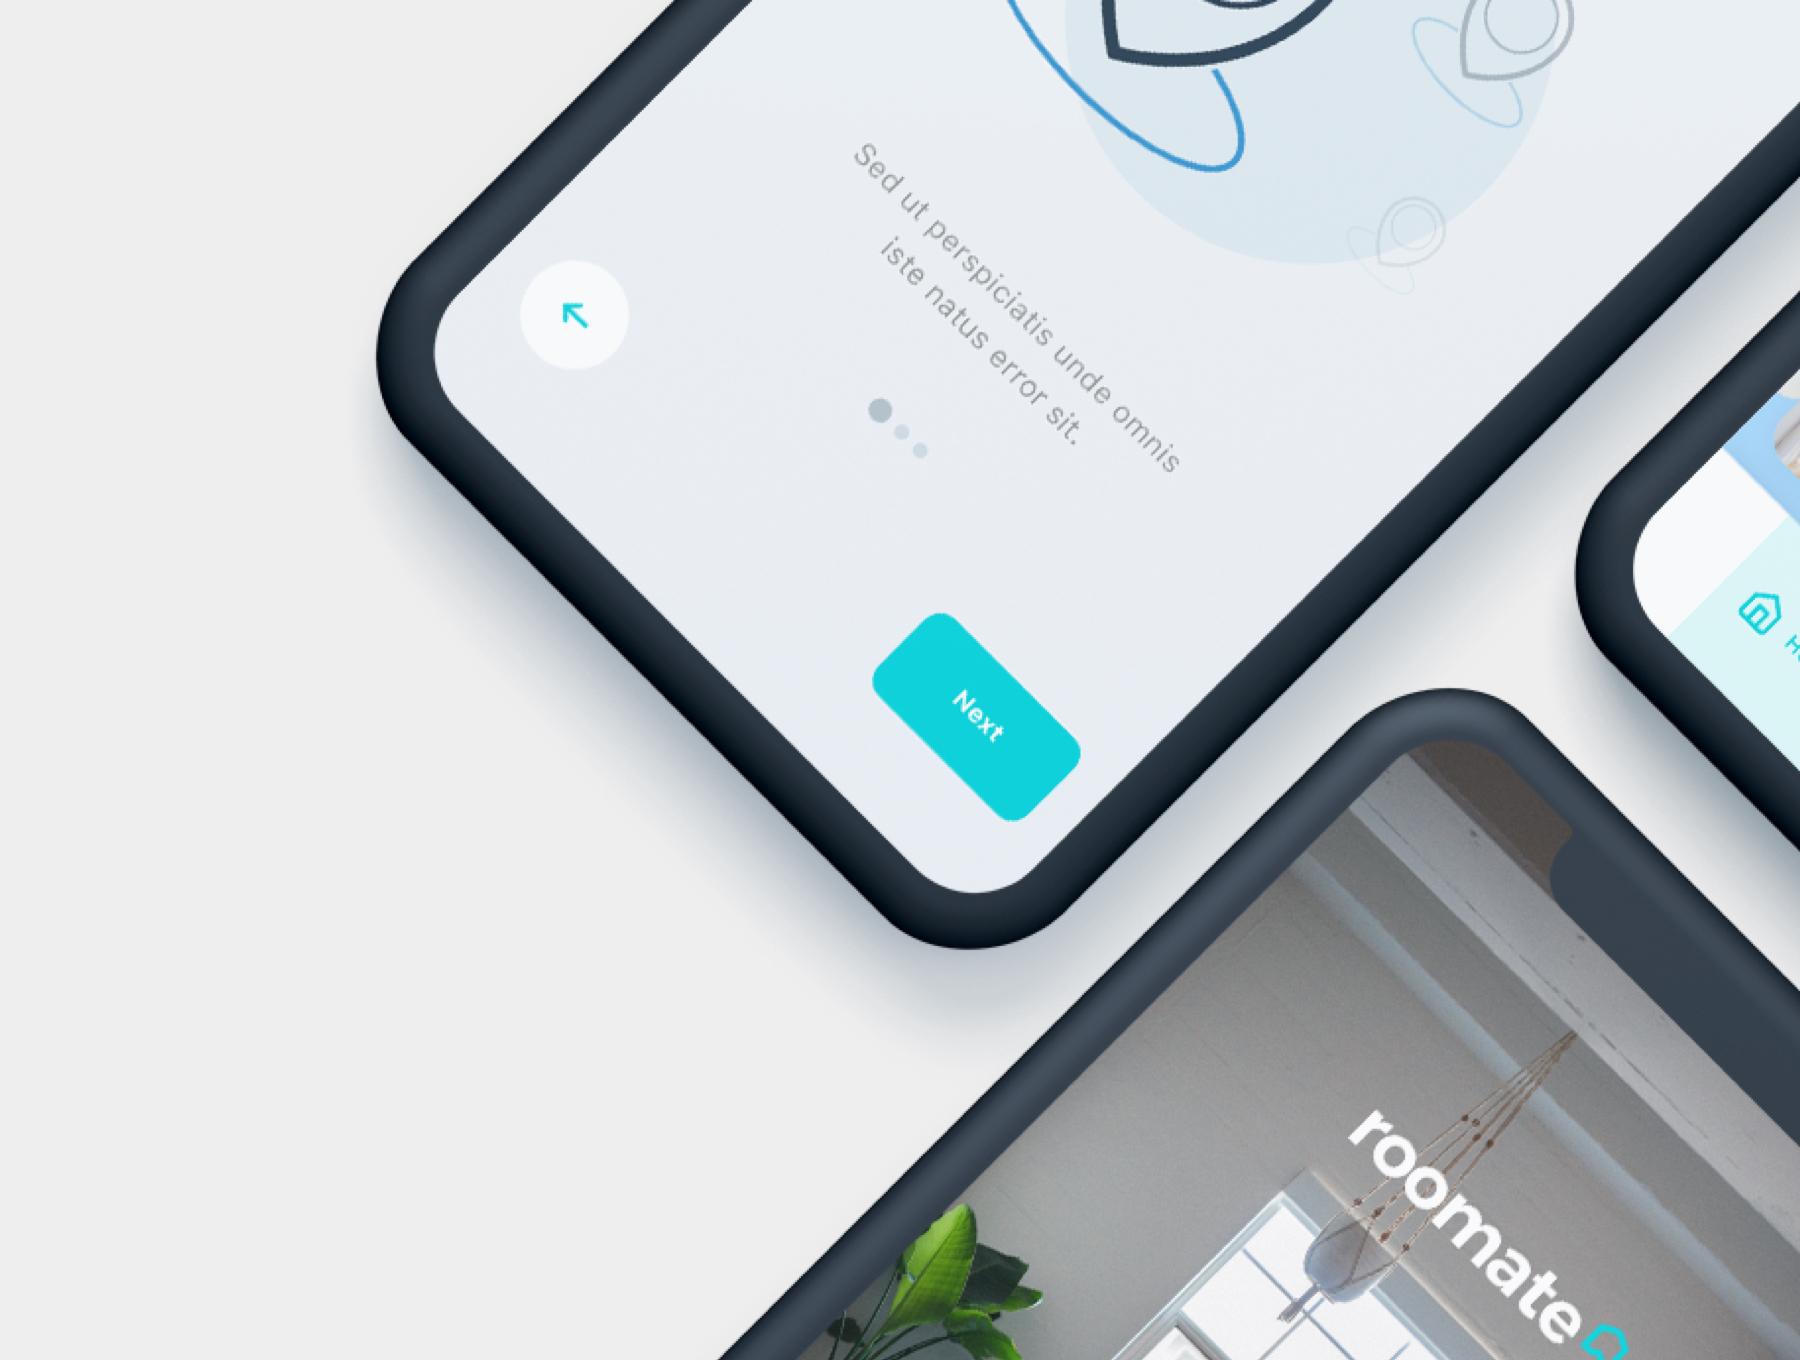 酒店预定APP应用程序UI界面设计套件 Roomate iOS UI Kit插图(6)